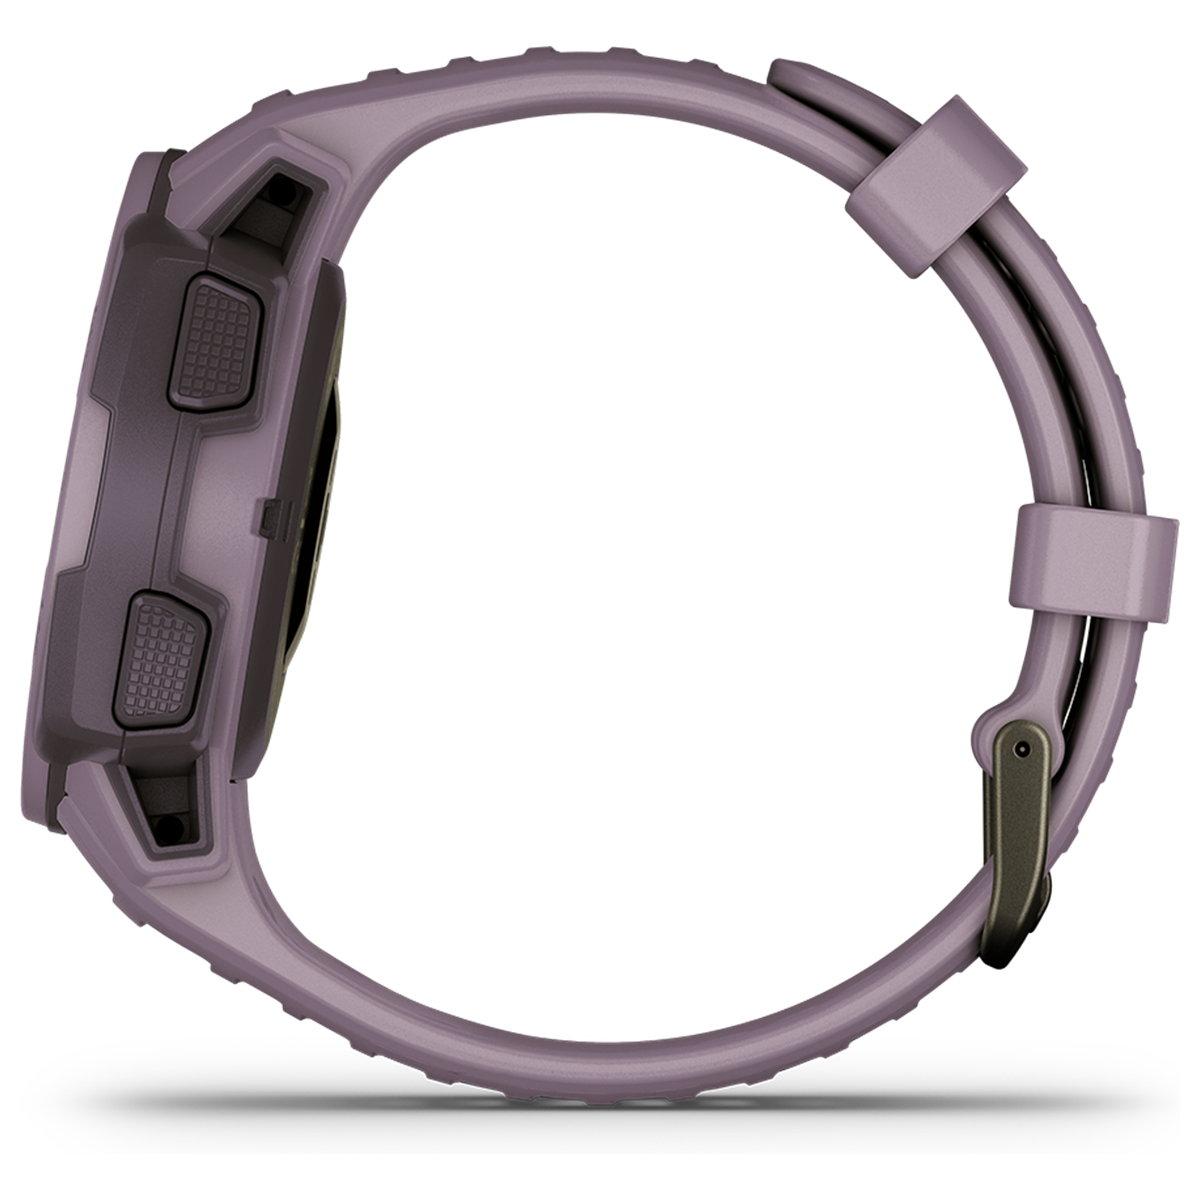 ガーミン GARMIN Instinct Dual Power Orchid インスティンクト デュアルパワー スマートウォッチ ウェアラブル GPS ソーラー 腕時計 010-02293-40